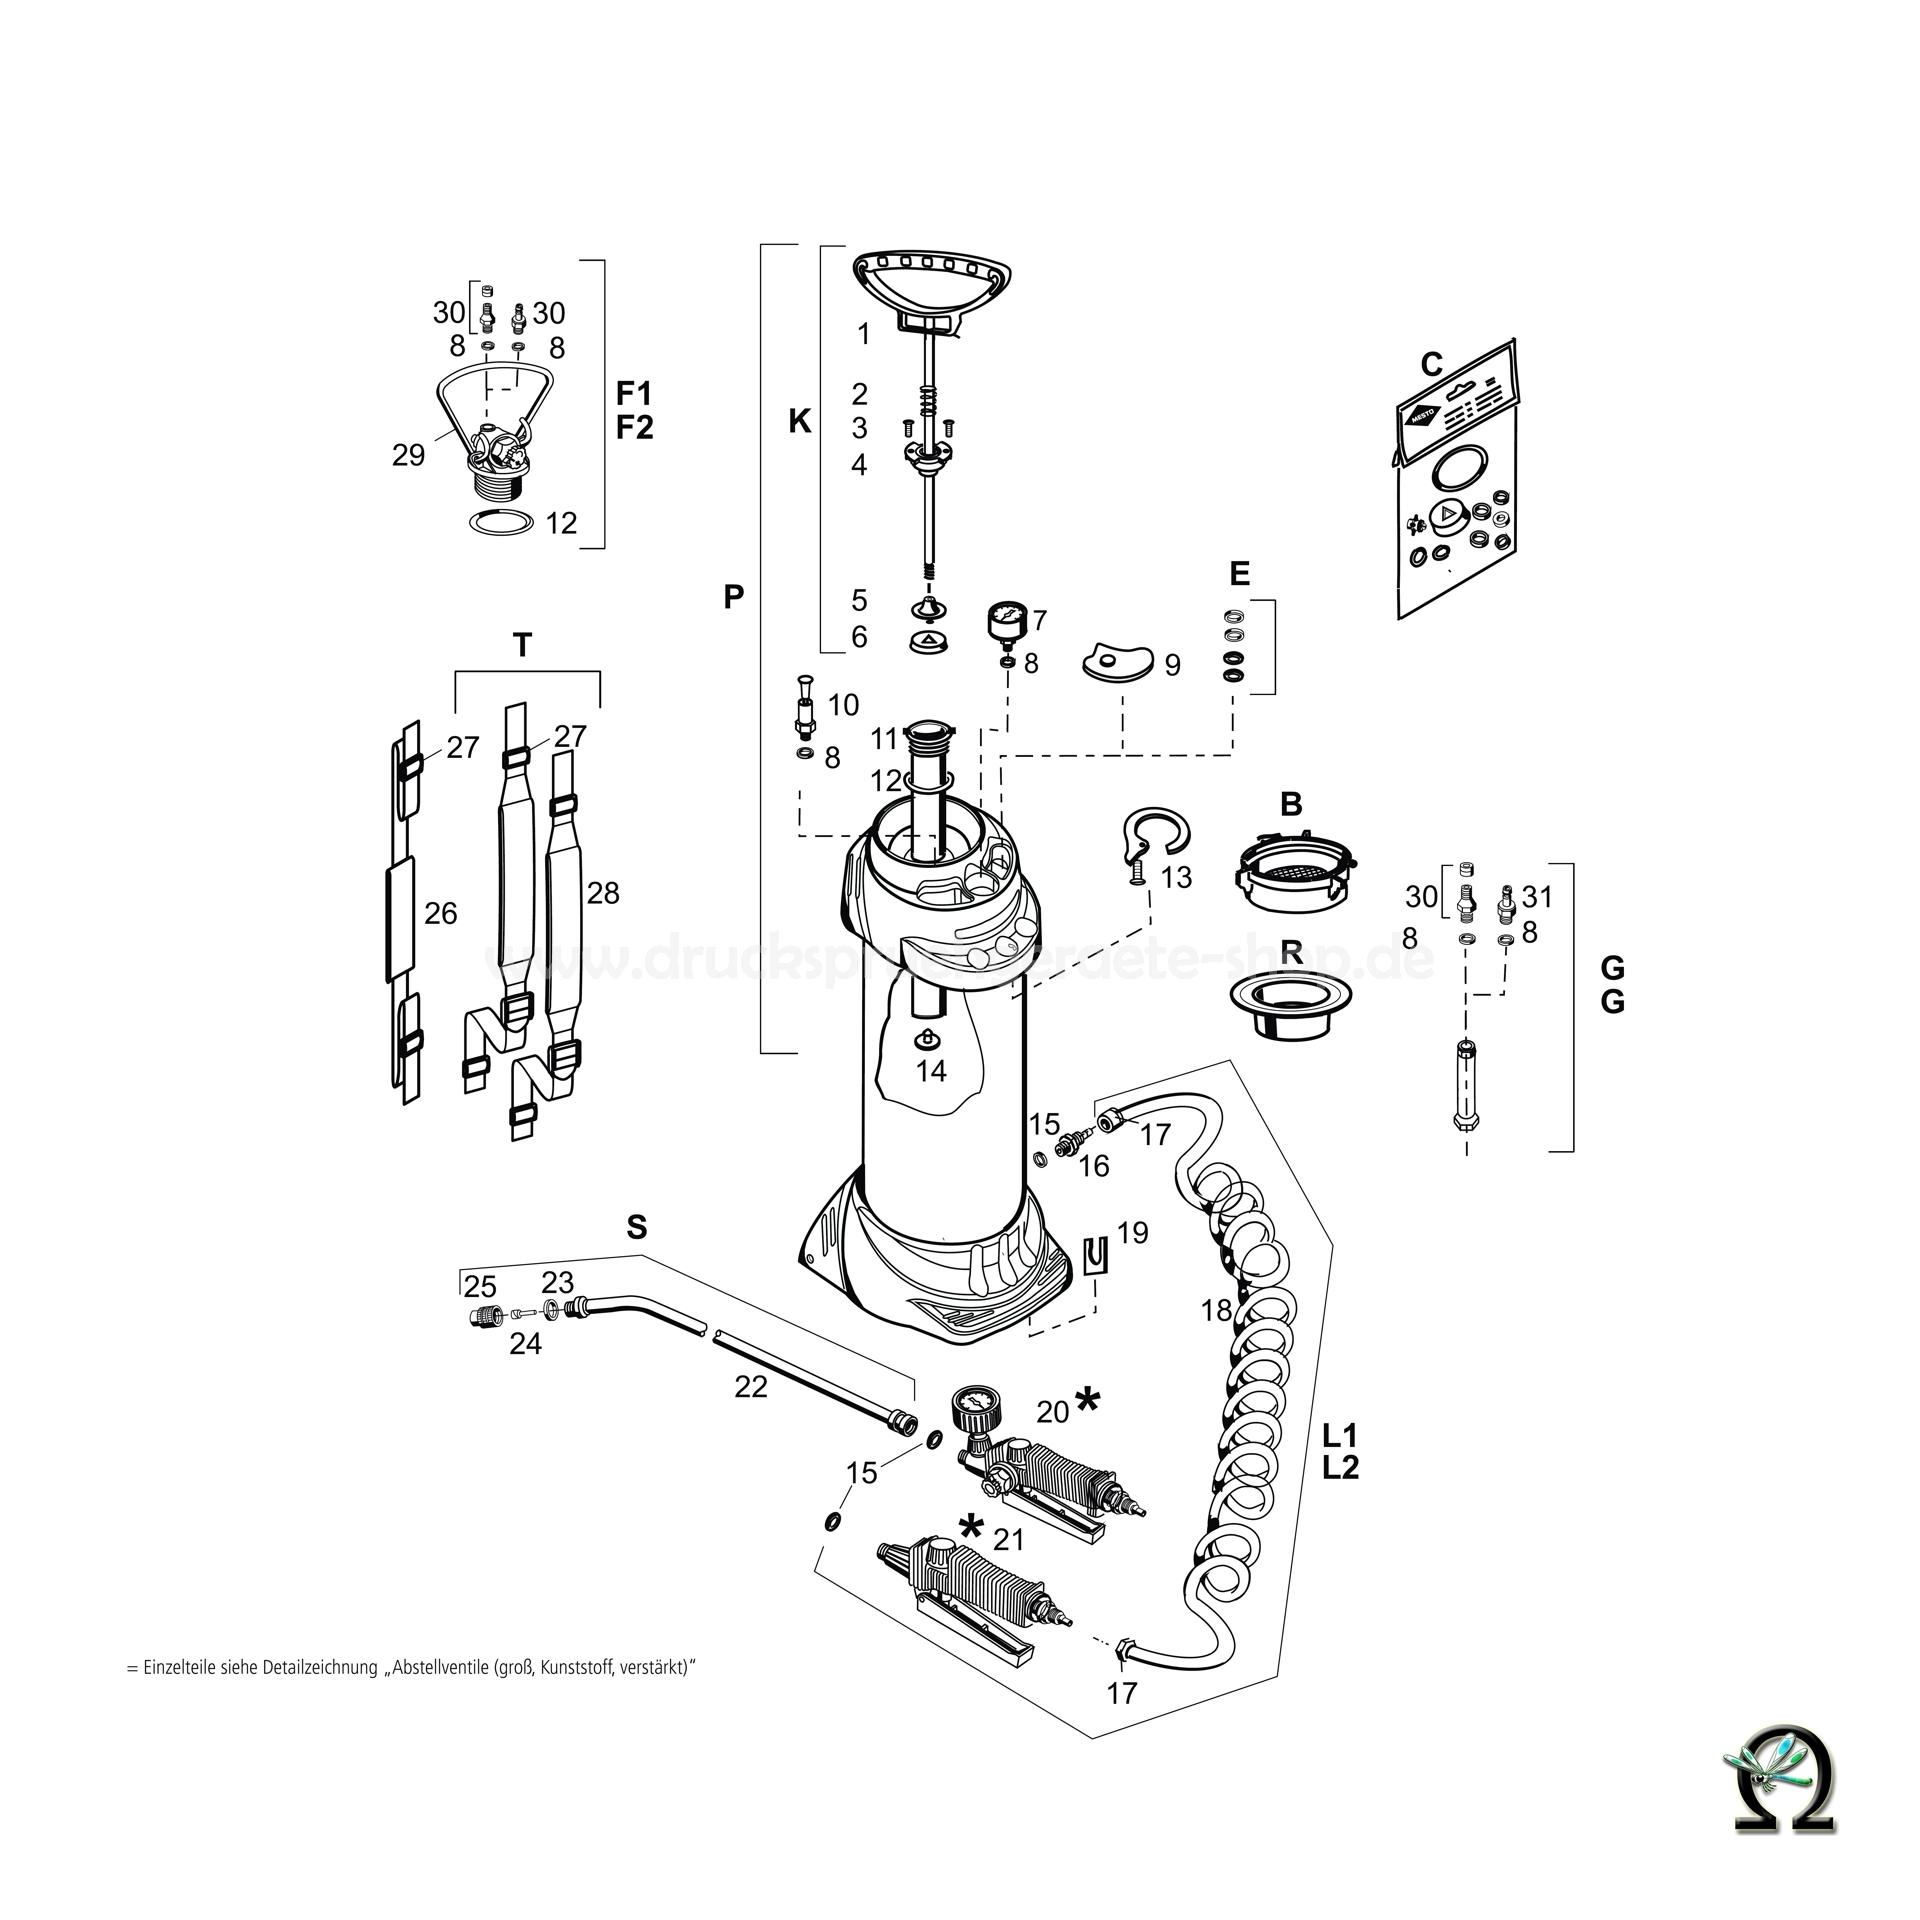 Mesto Hochdrucksprühgerät 3585 FERROX - 10 Liter, Zeichnung der Einzelteile